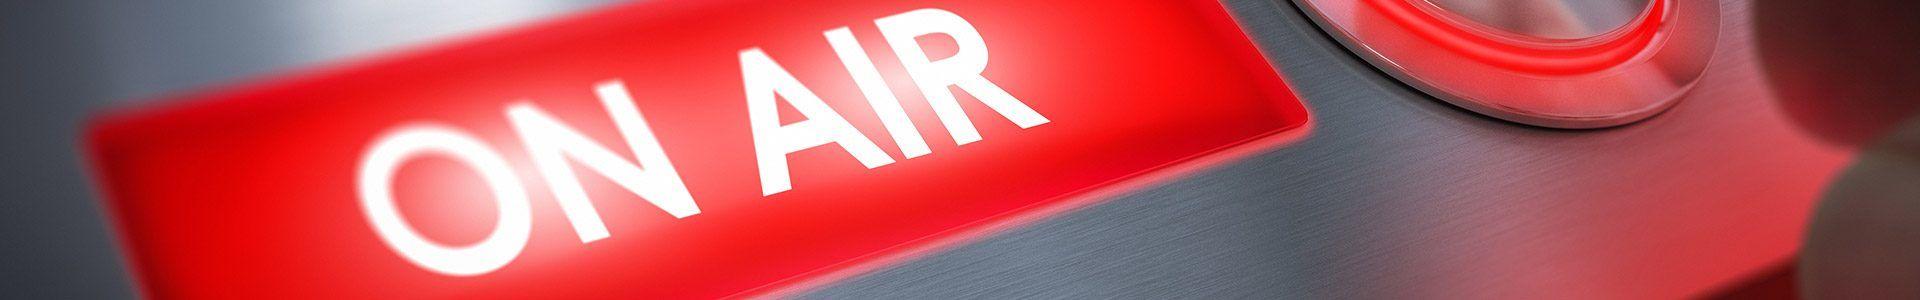 hoe zorgt radio 538 voor een stijging van 377%